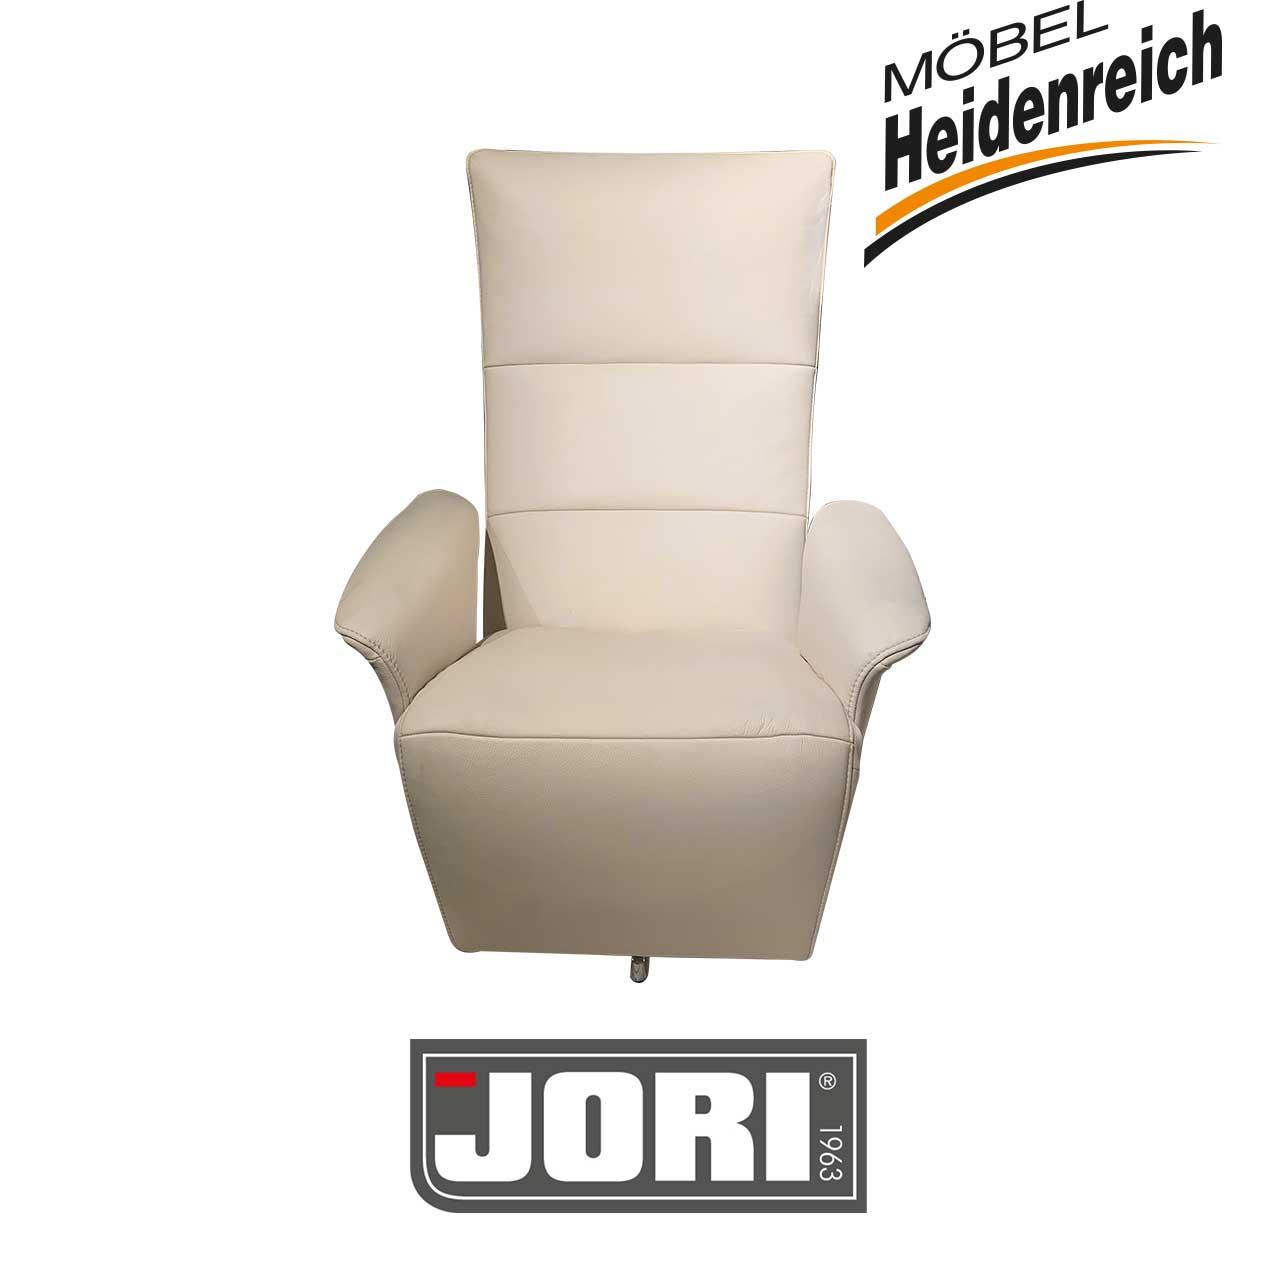 Jori Relaxsessel Jr 7465 Felini Sessel Sale Mobel Heidenreich